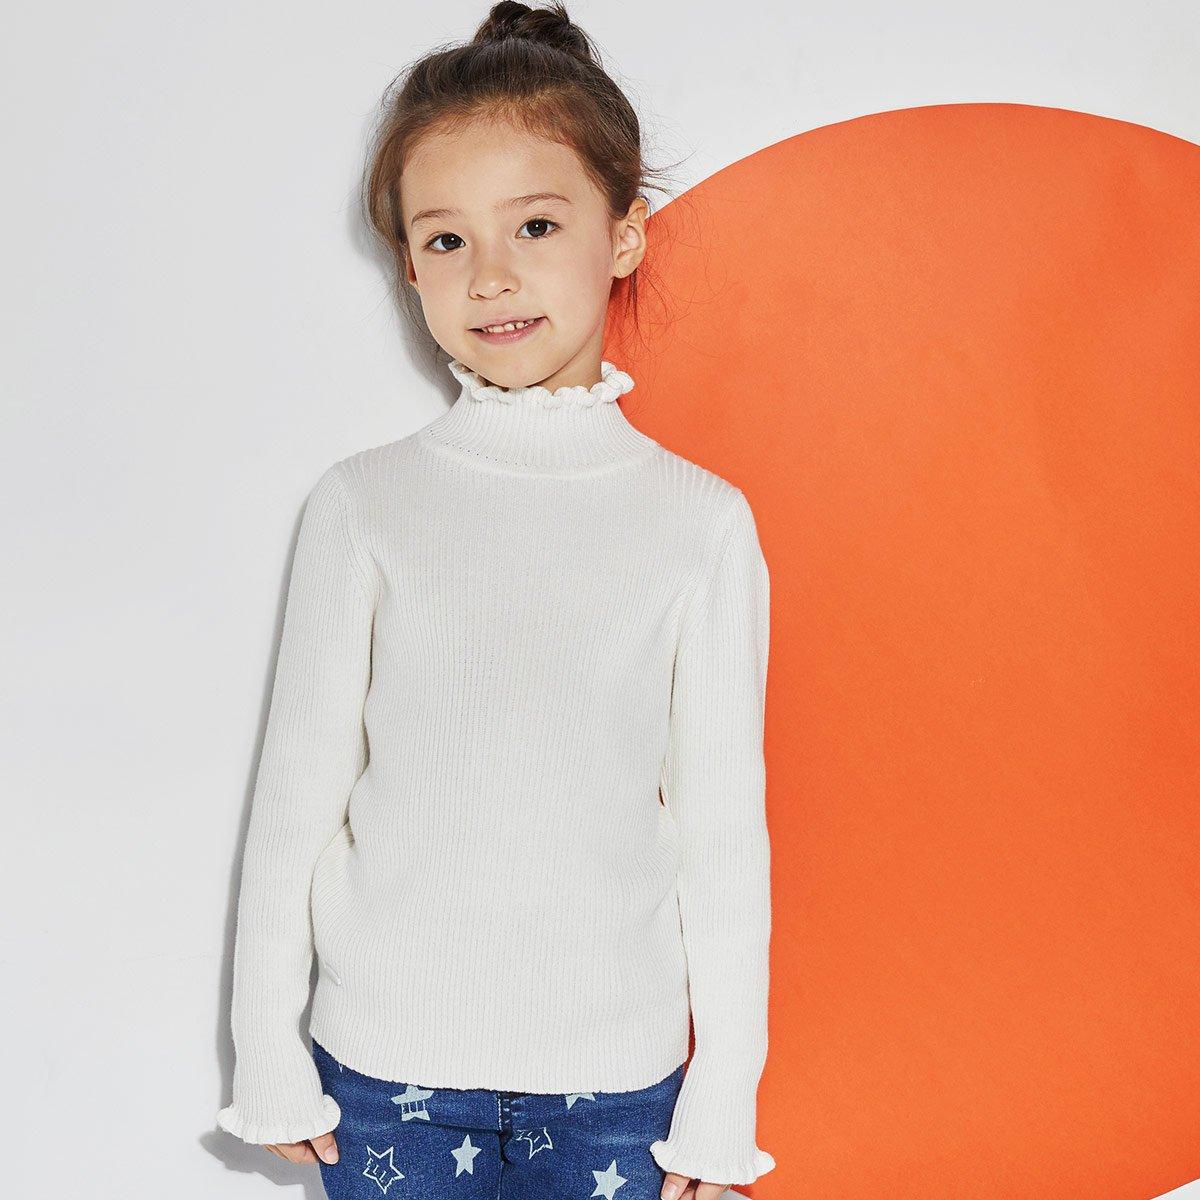 ELLE KIDSELLE KIDS女童纯色木耳边长袖半高领百搭毛衣打底衫ESA308123930